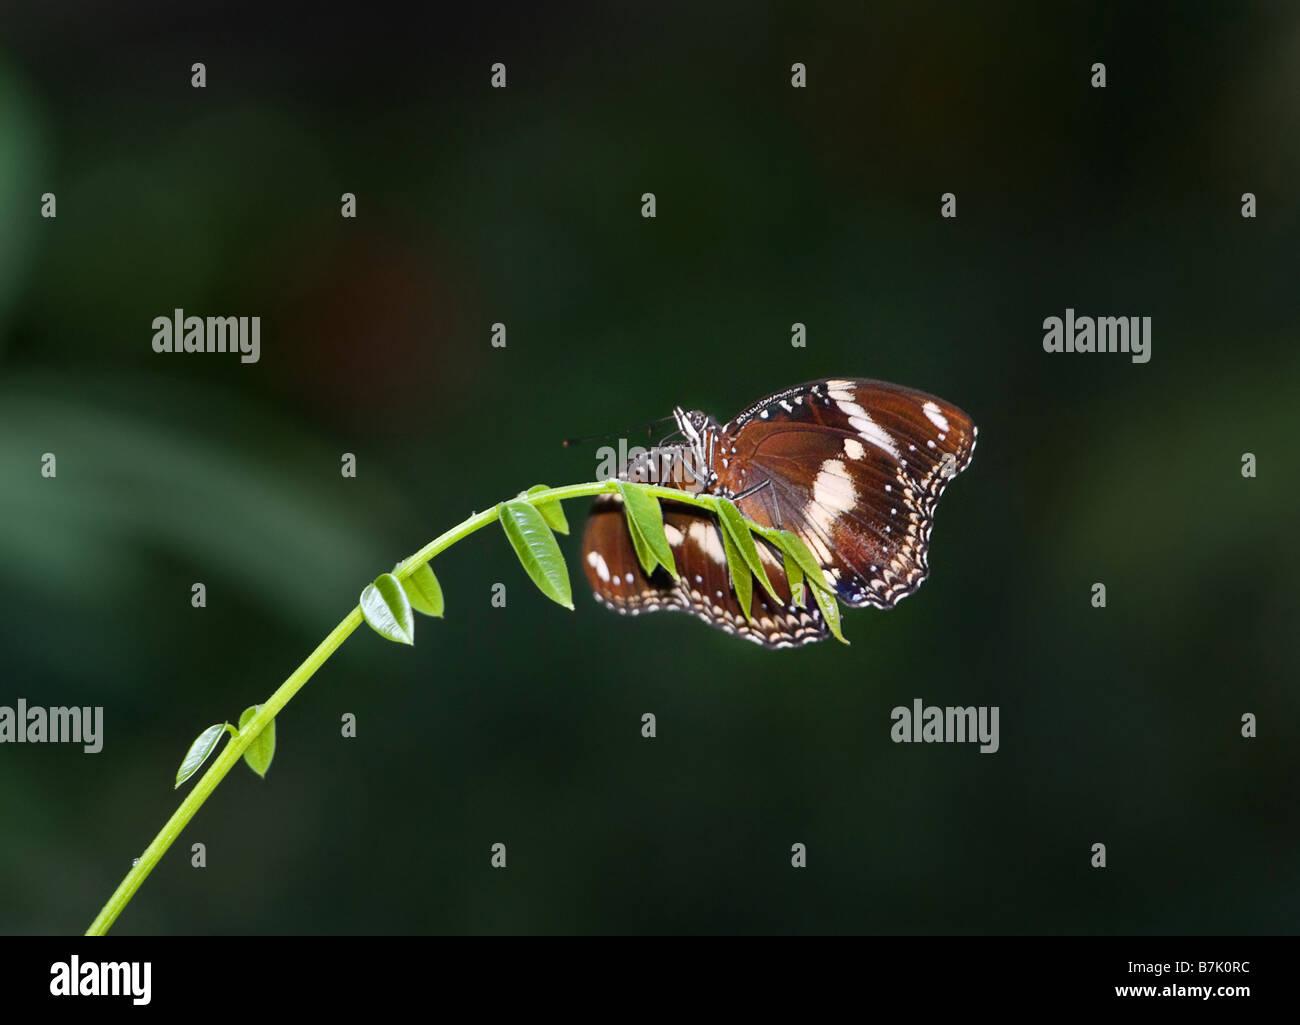 tolles Bild von einen wunderschönen Schmetterling am Ende eines Zweiges Stockbild